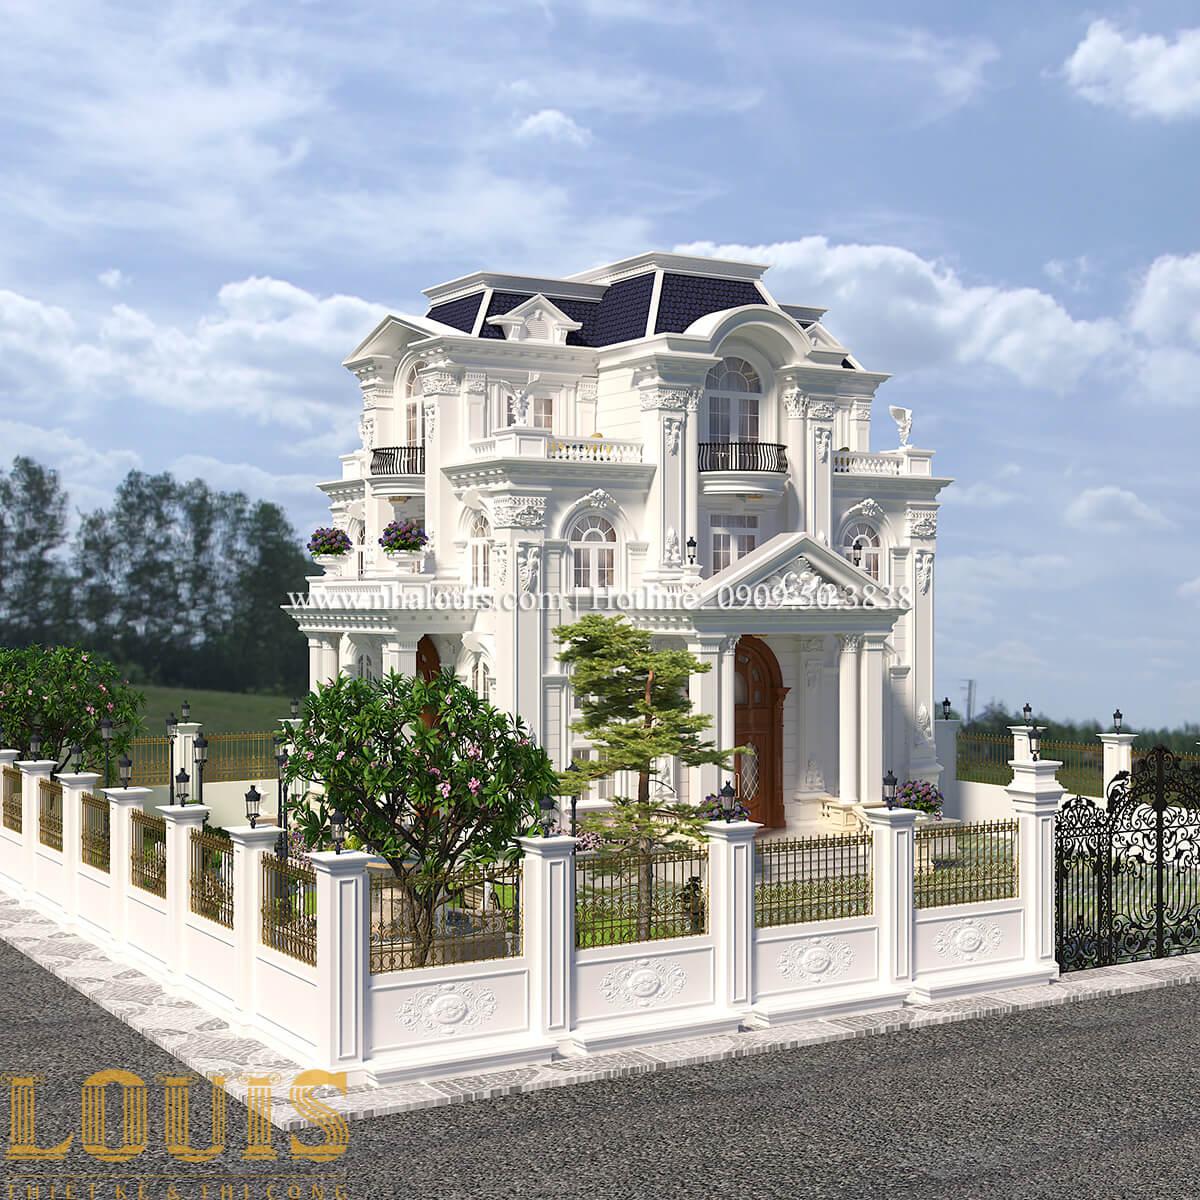 Mặt tiền Thiết kế biệt thự phong cách tân cổ điển đậm chất lãng mạn tại Vĩnh Long - 01